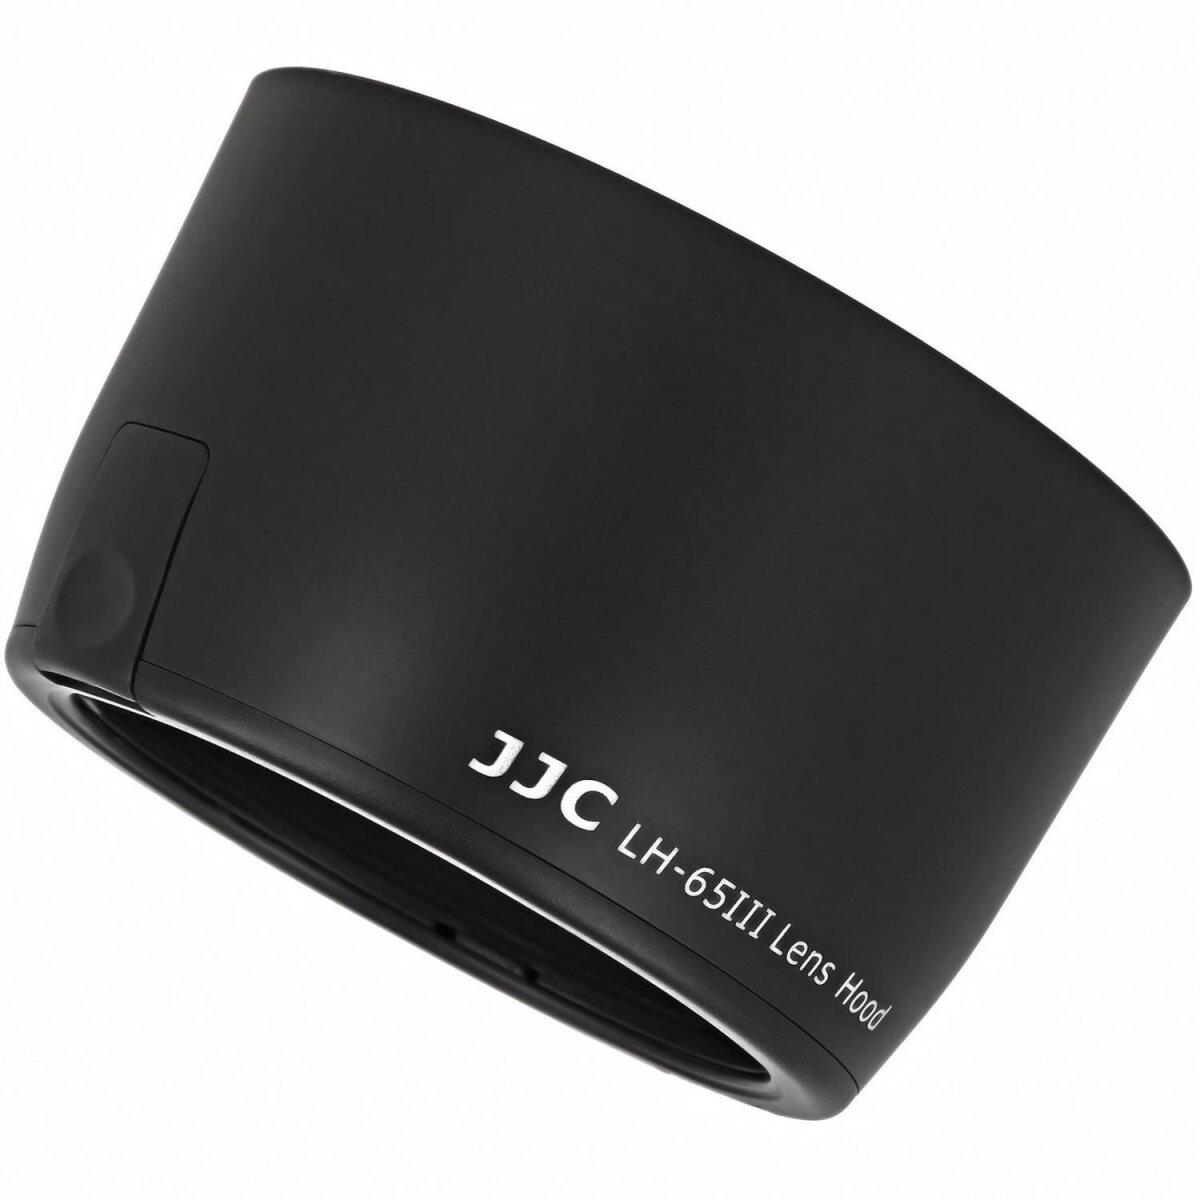 JJC Sonnenblende Gegenlichtblende Streulichtblende kompatibel mit Canon EF 100-300mm f/4.5-5.6 USM, EF 100mm f/2 USM, EF 135mm f/2.8, EF 85mm f/1.8 USM - Ersatz für ET-65III